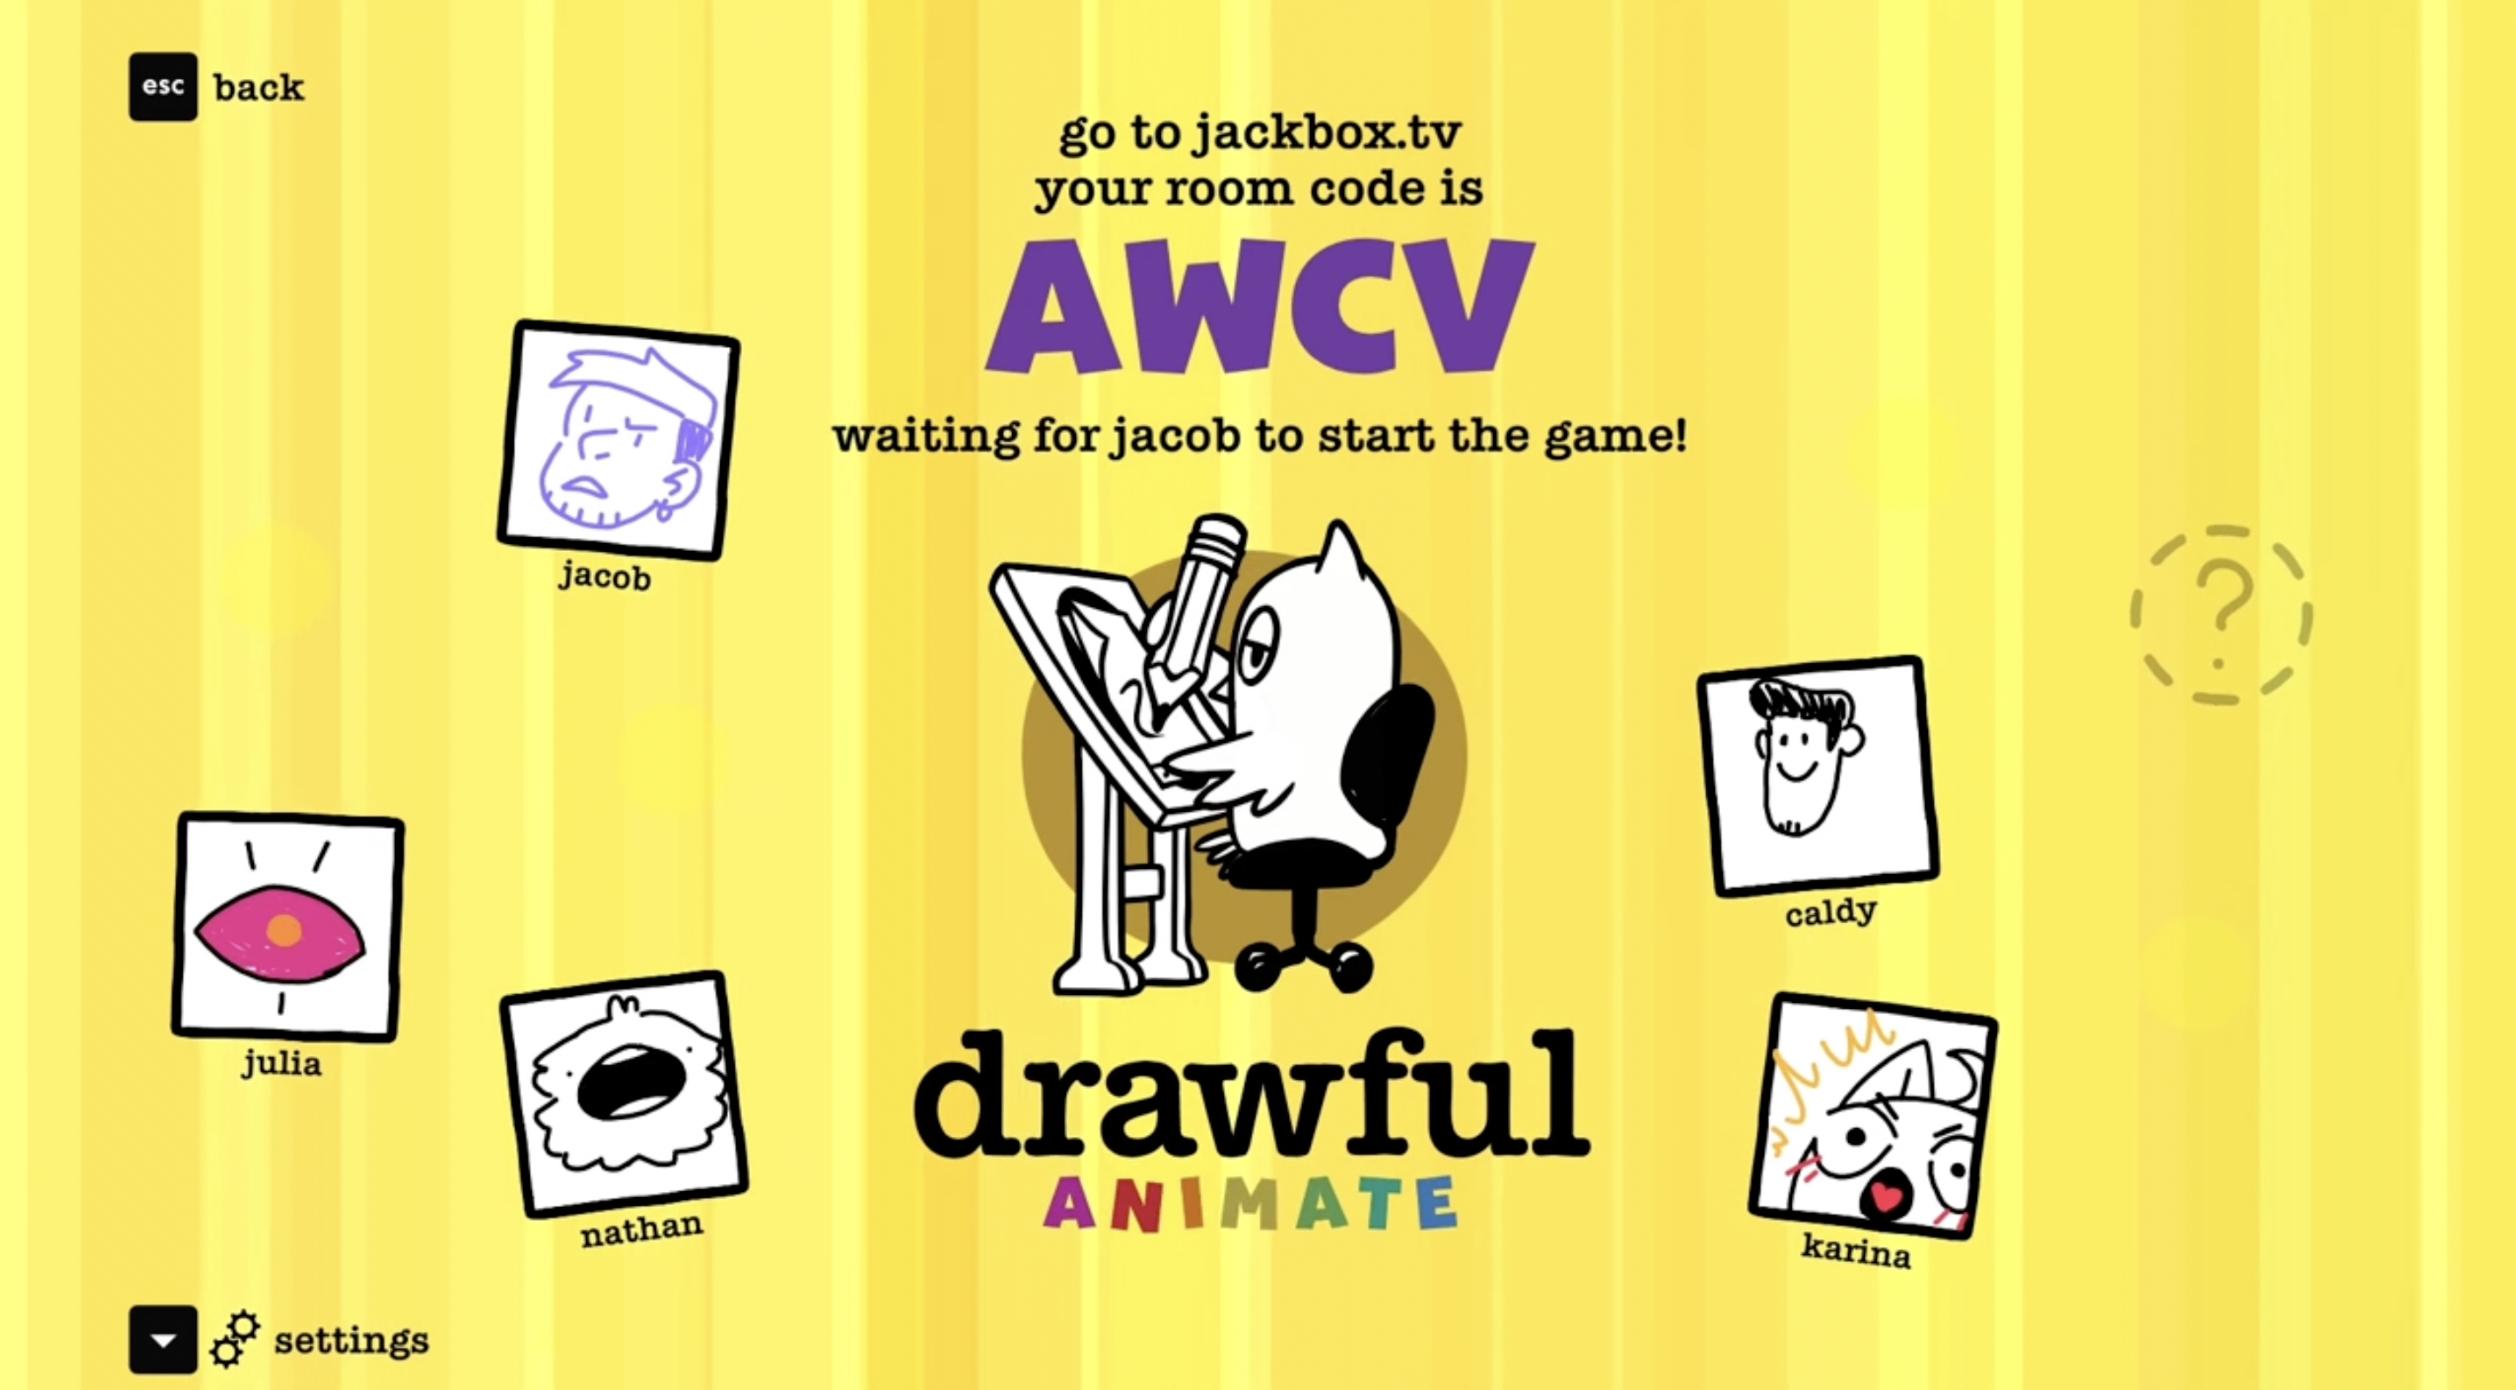 drawful animate drawfee